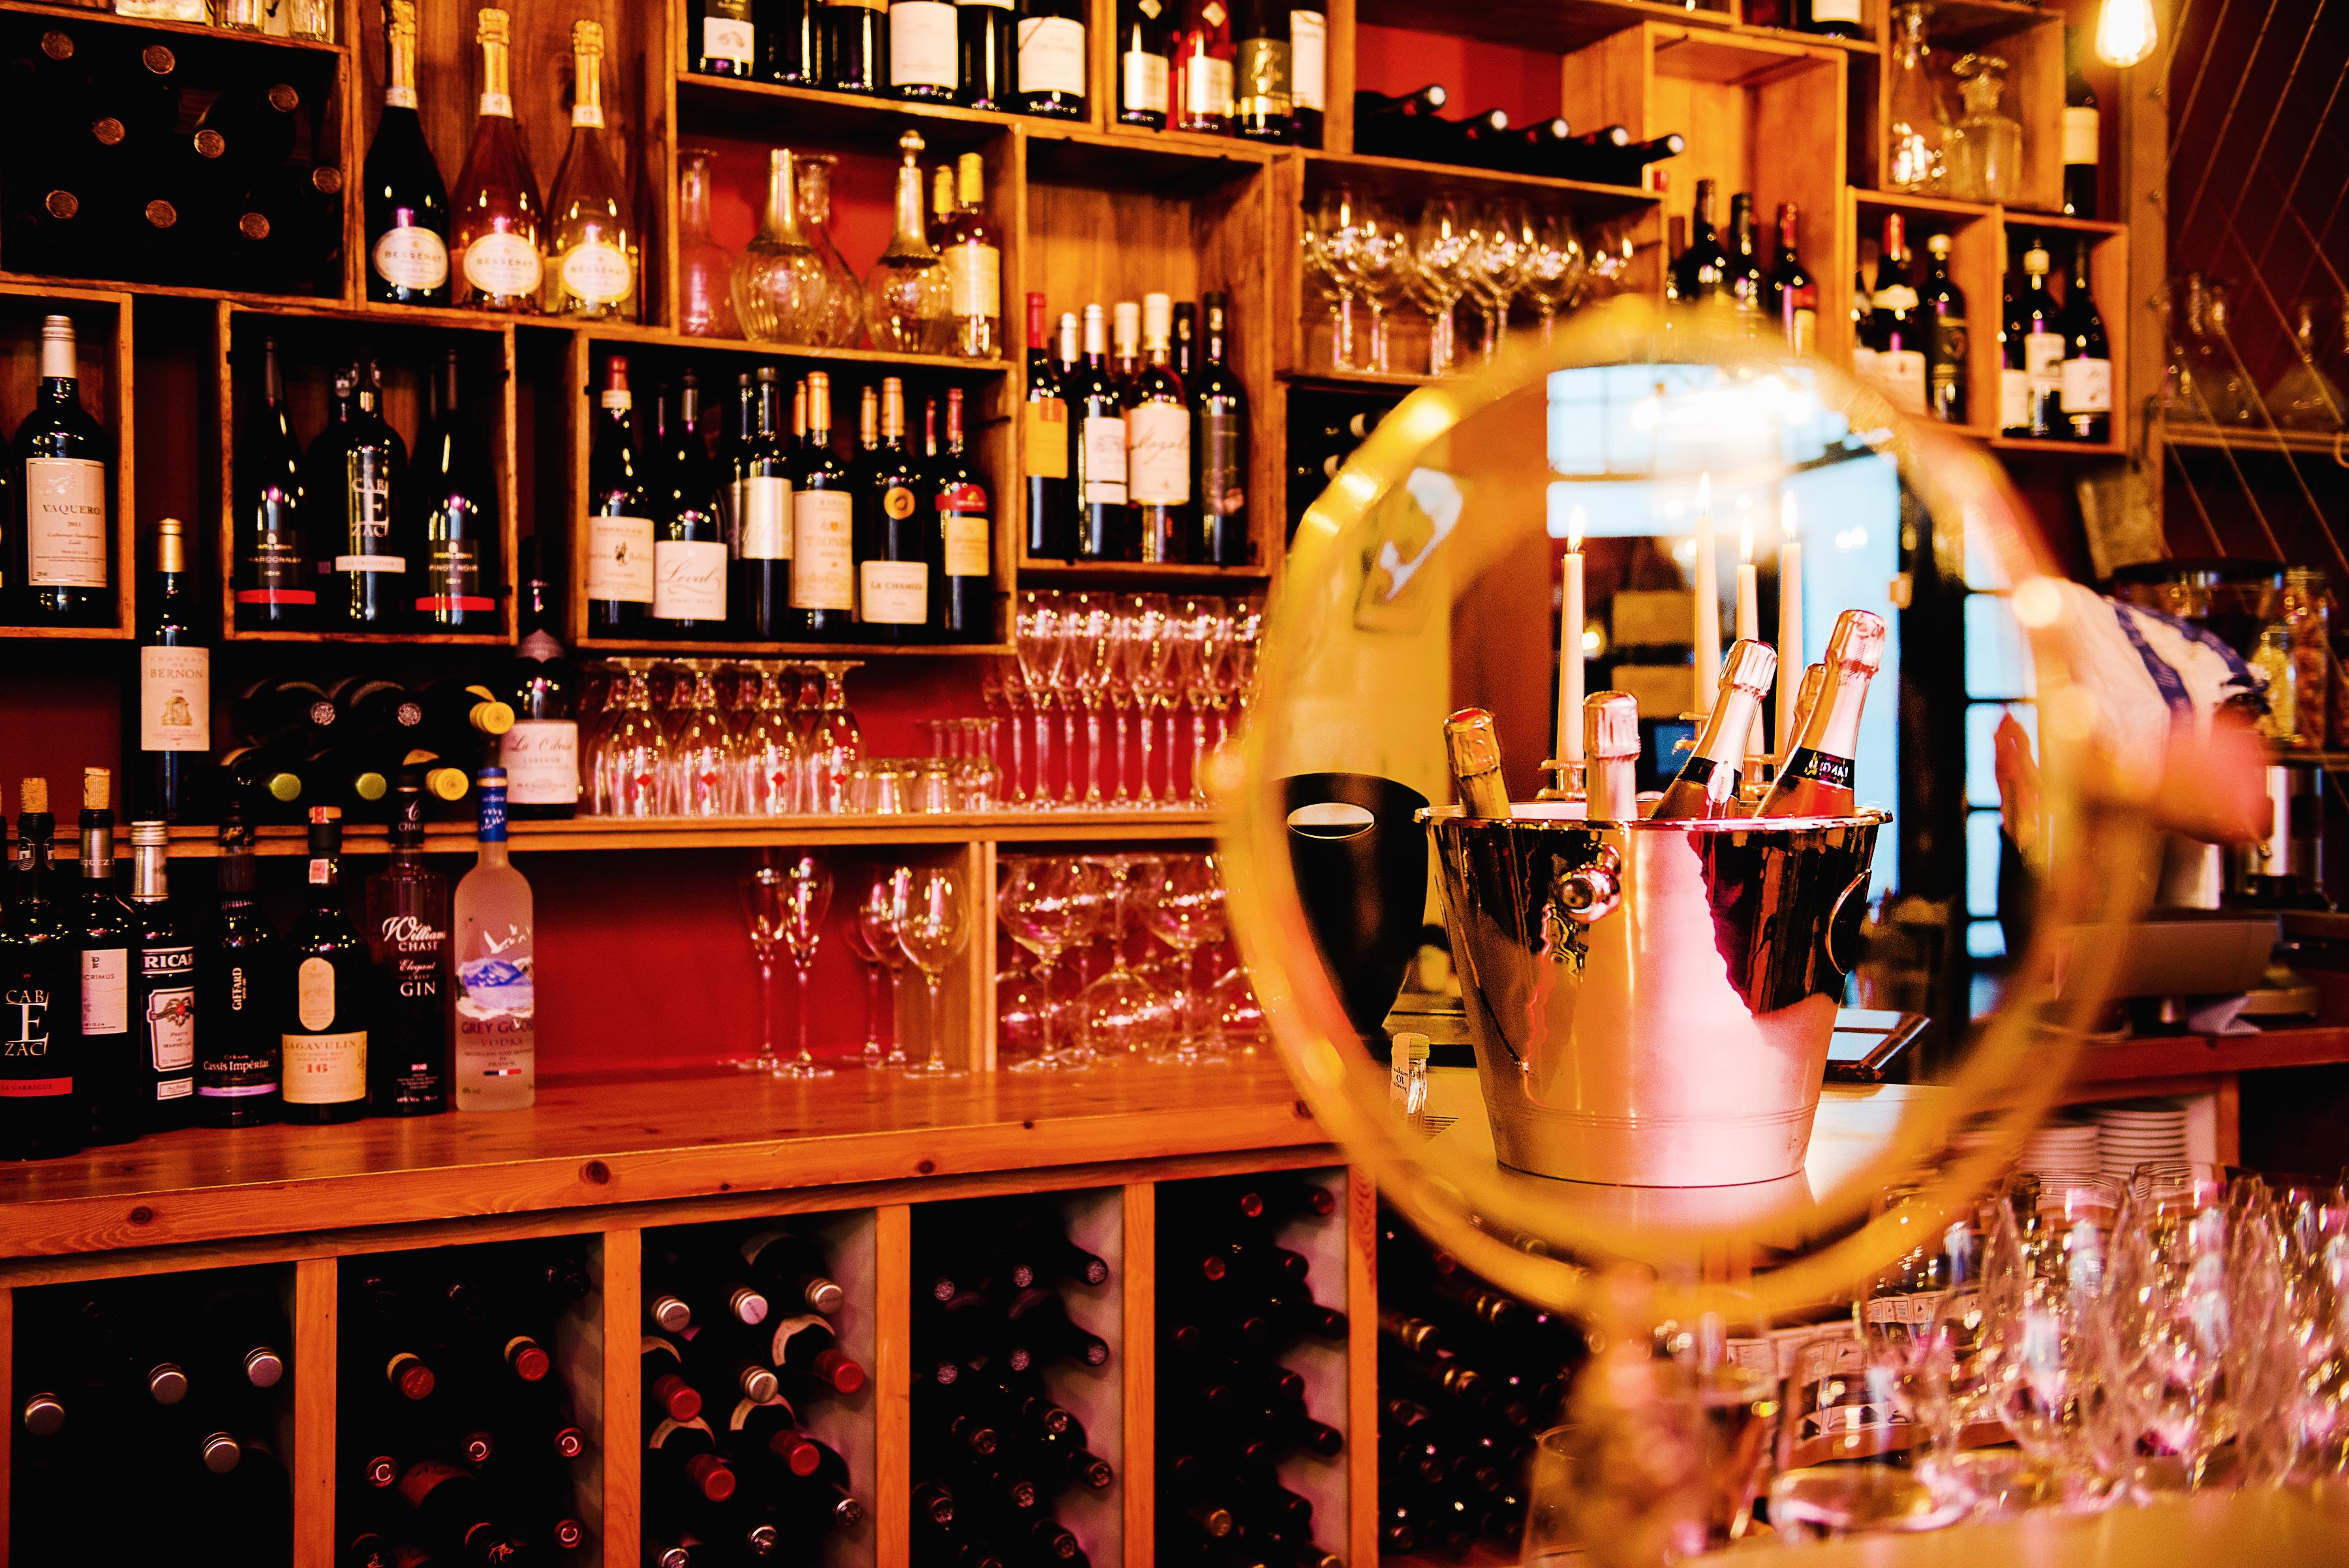 Cellar Magneval bar back of wine